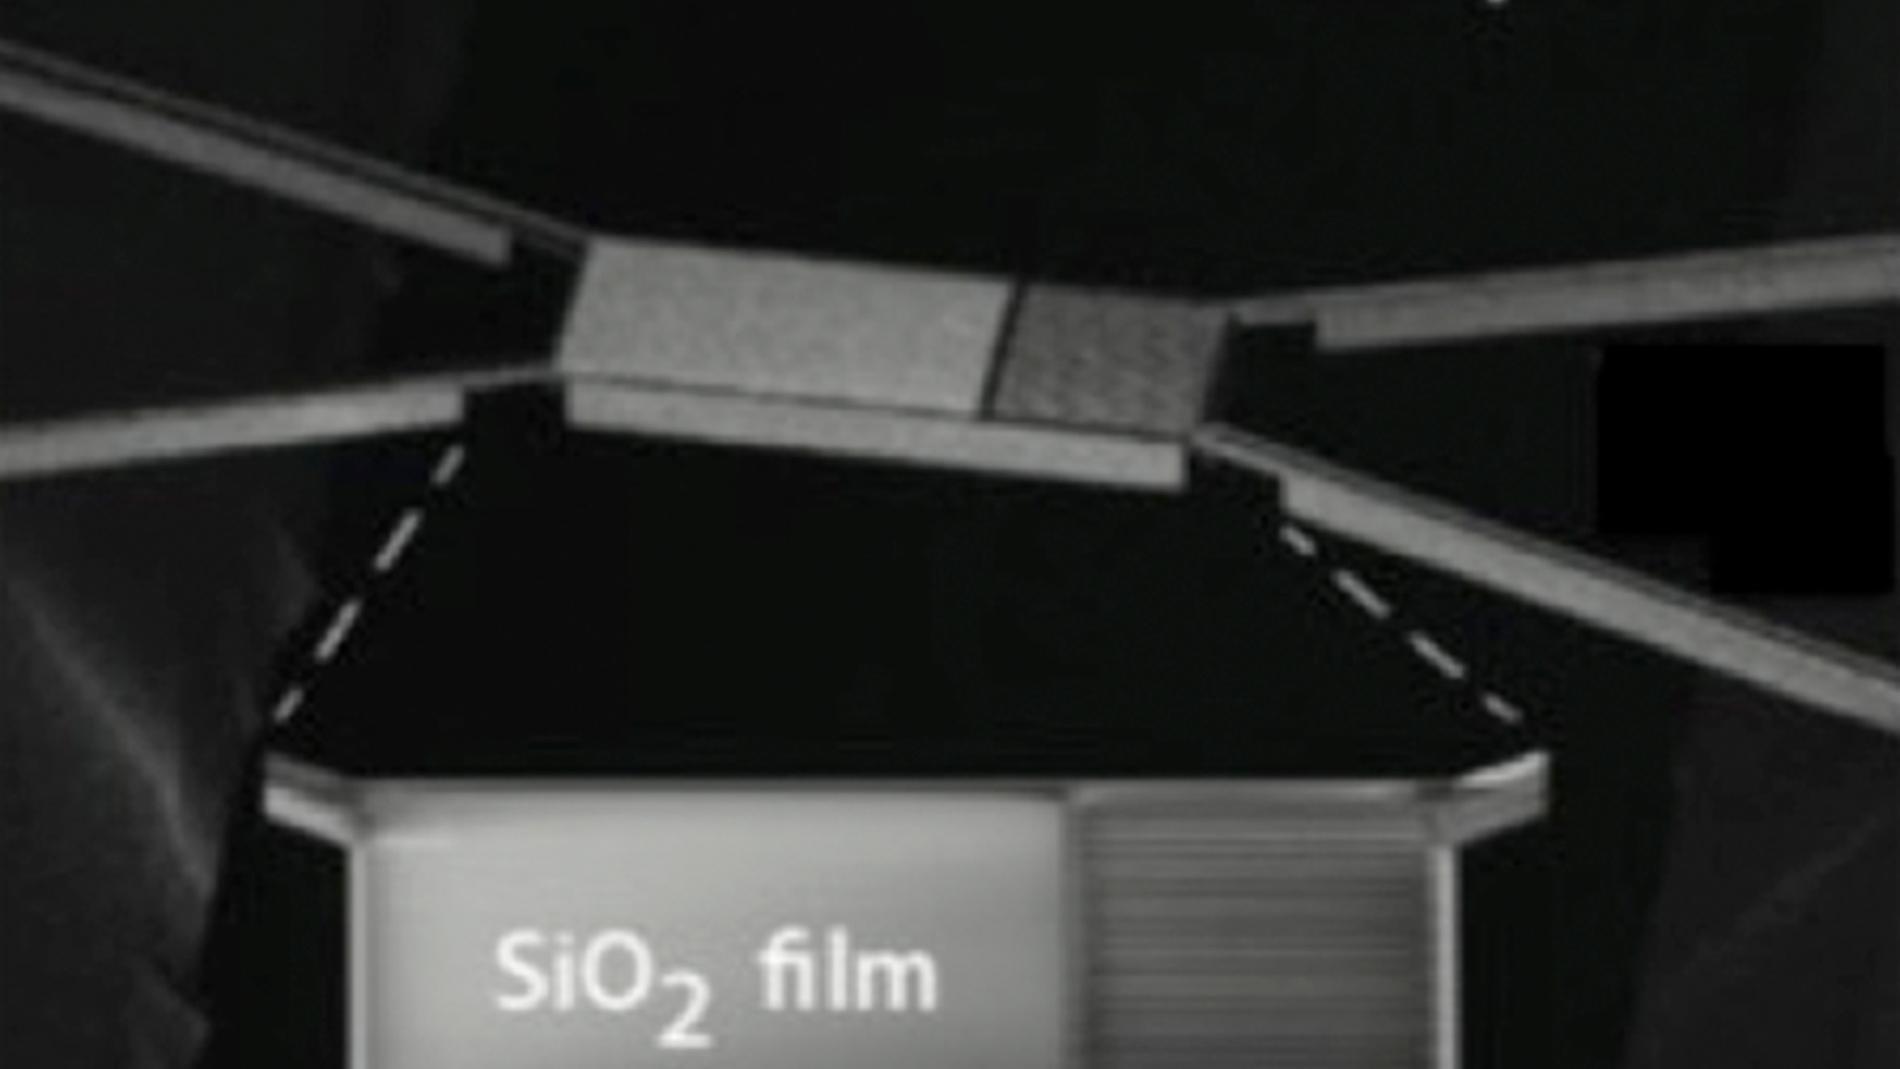 Capas atómicas de oxido de silicio emite